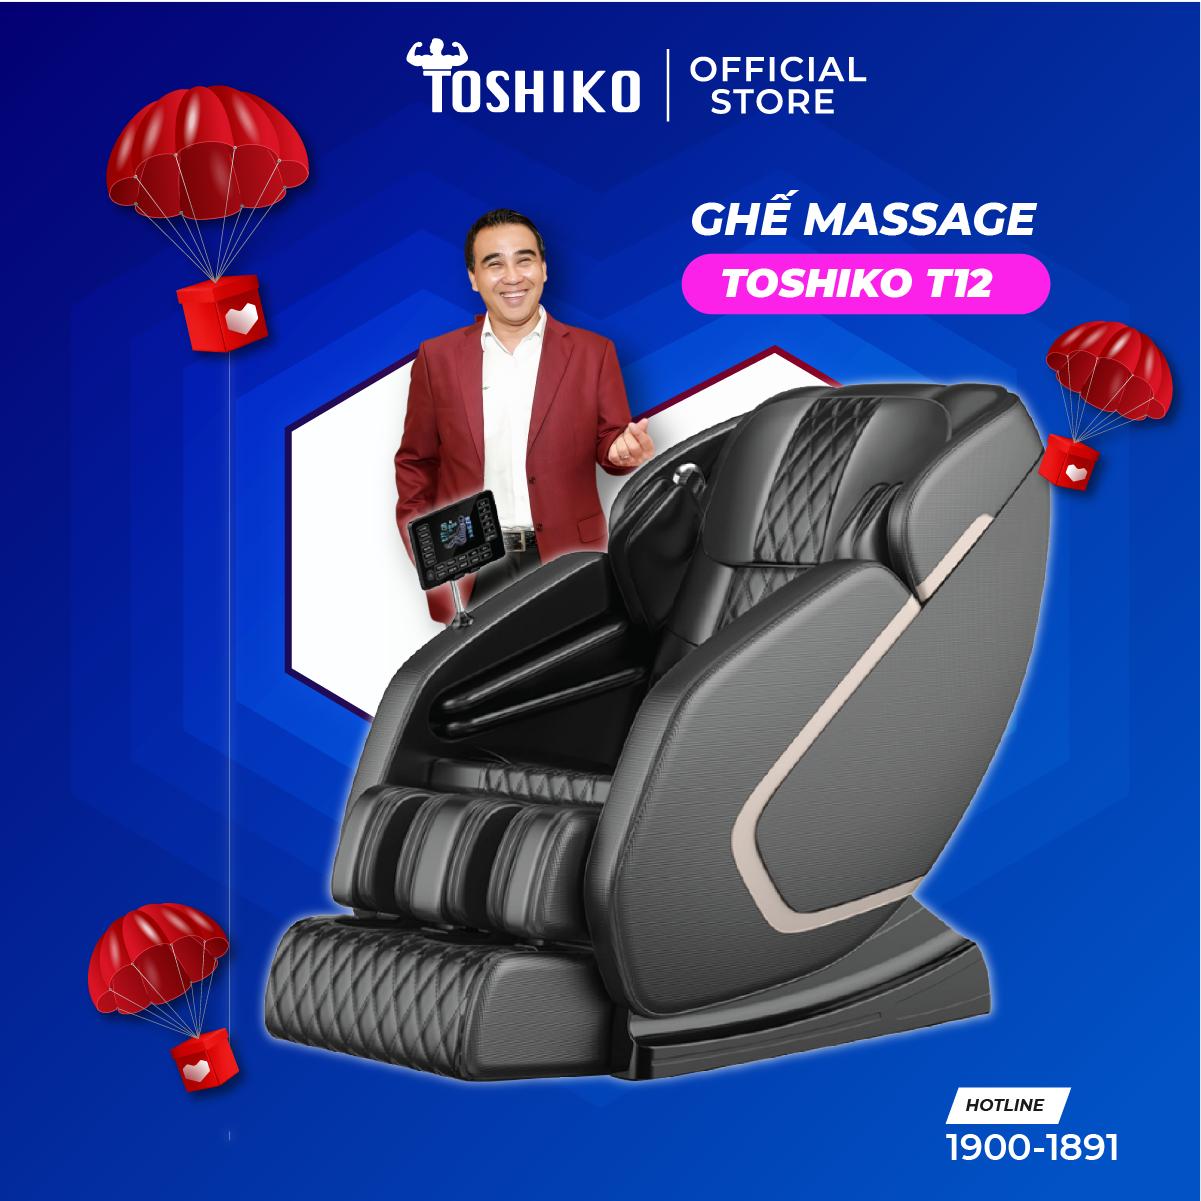 Ghế massage trị liệu toàn thân Toshiko T12 hàng chính hãng, bảo hành 6 năm